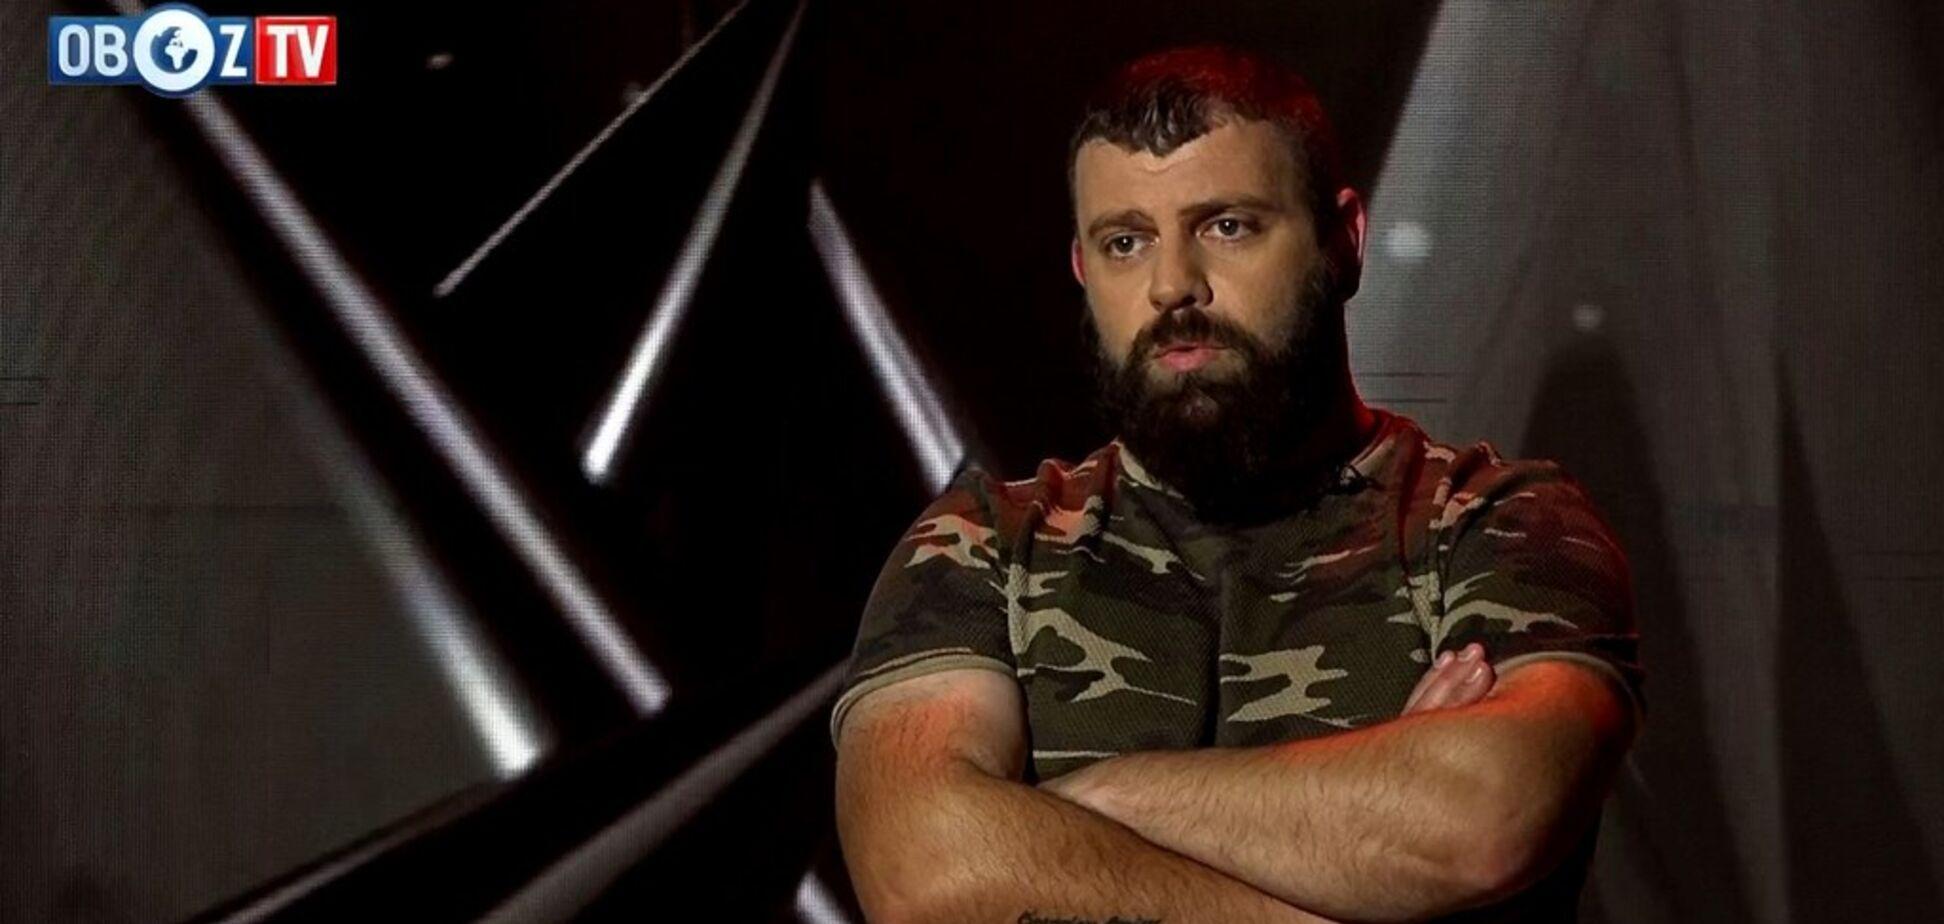 'Зізнався, що нацист...' Командир 'Грузинського легіону' розповів про іноземців на Донбасі